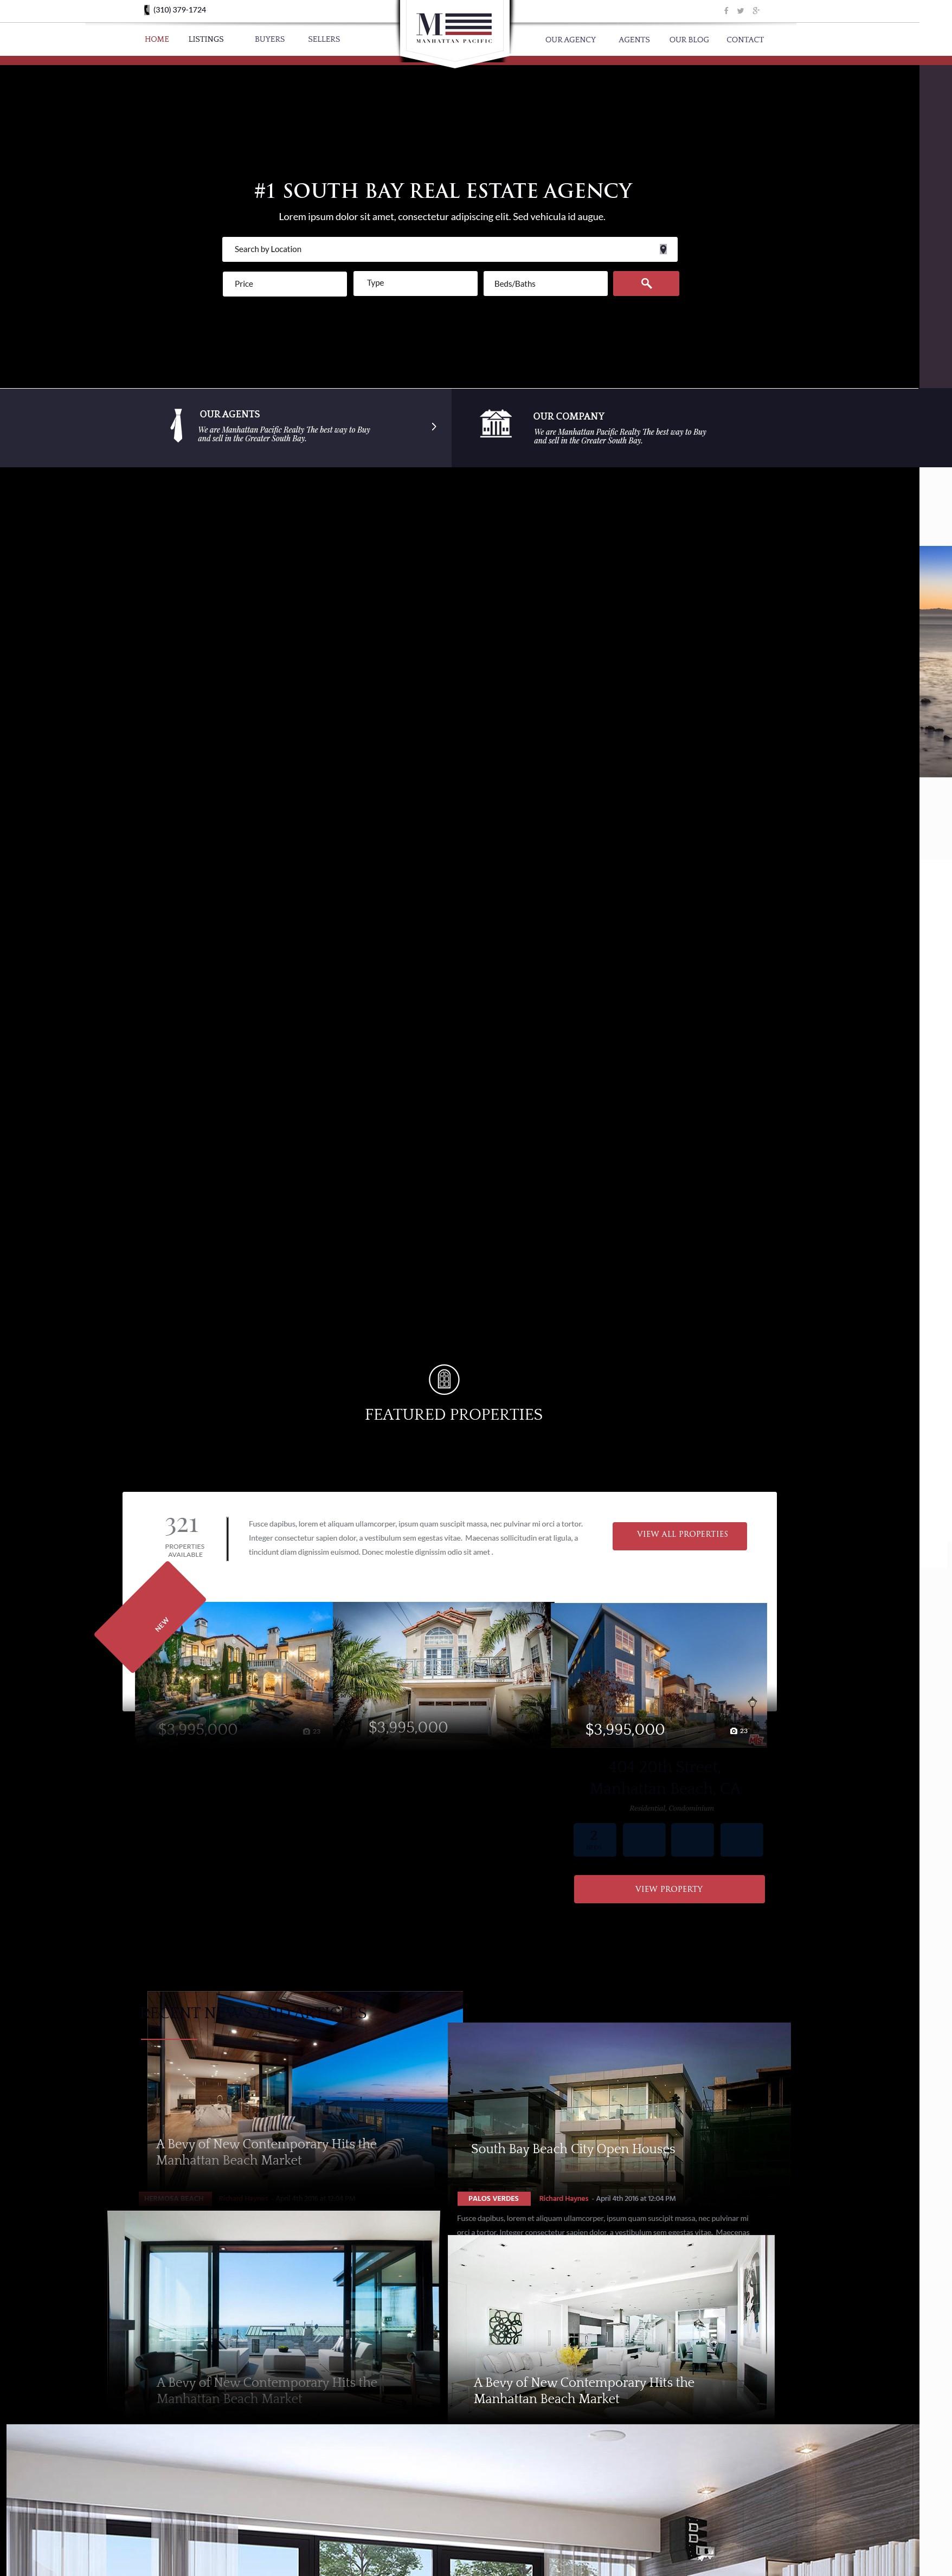 L.A. - Manhattan beach properties : website needed